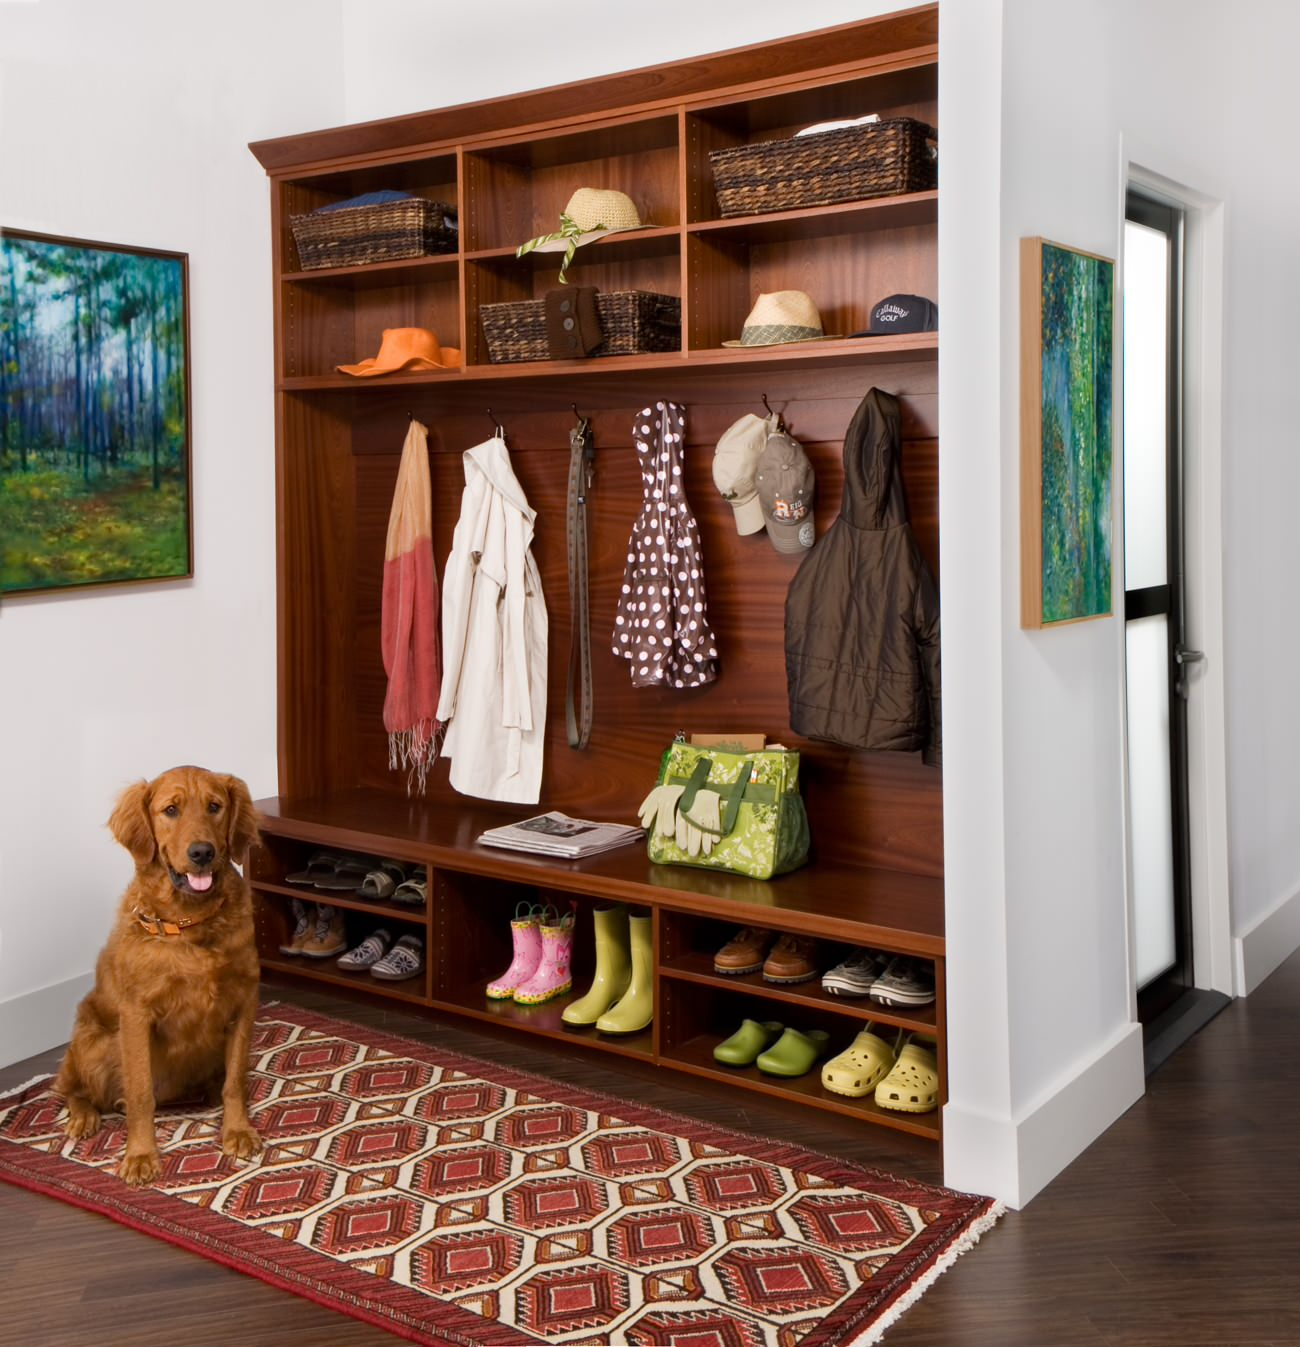 Мебель в прихожую, преимущества и недостатки различных конст.